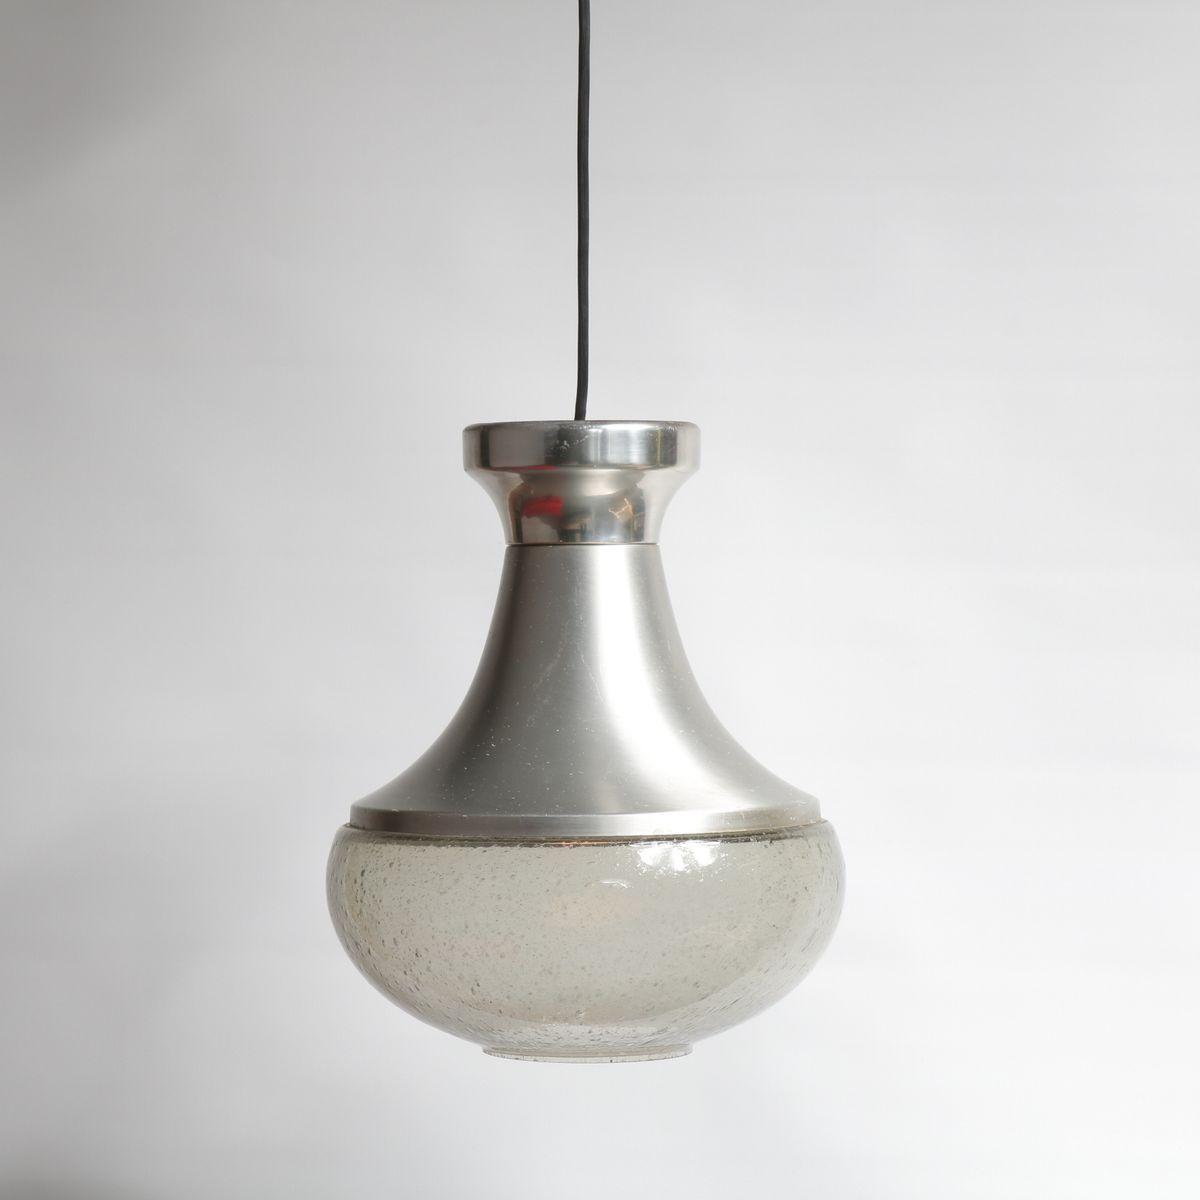 zoxx deckenleuchte modern chrom rund  led einbaustrahler gu18